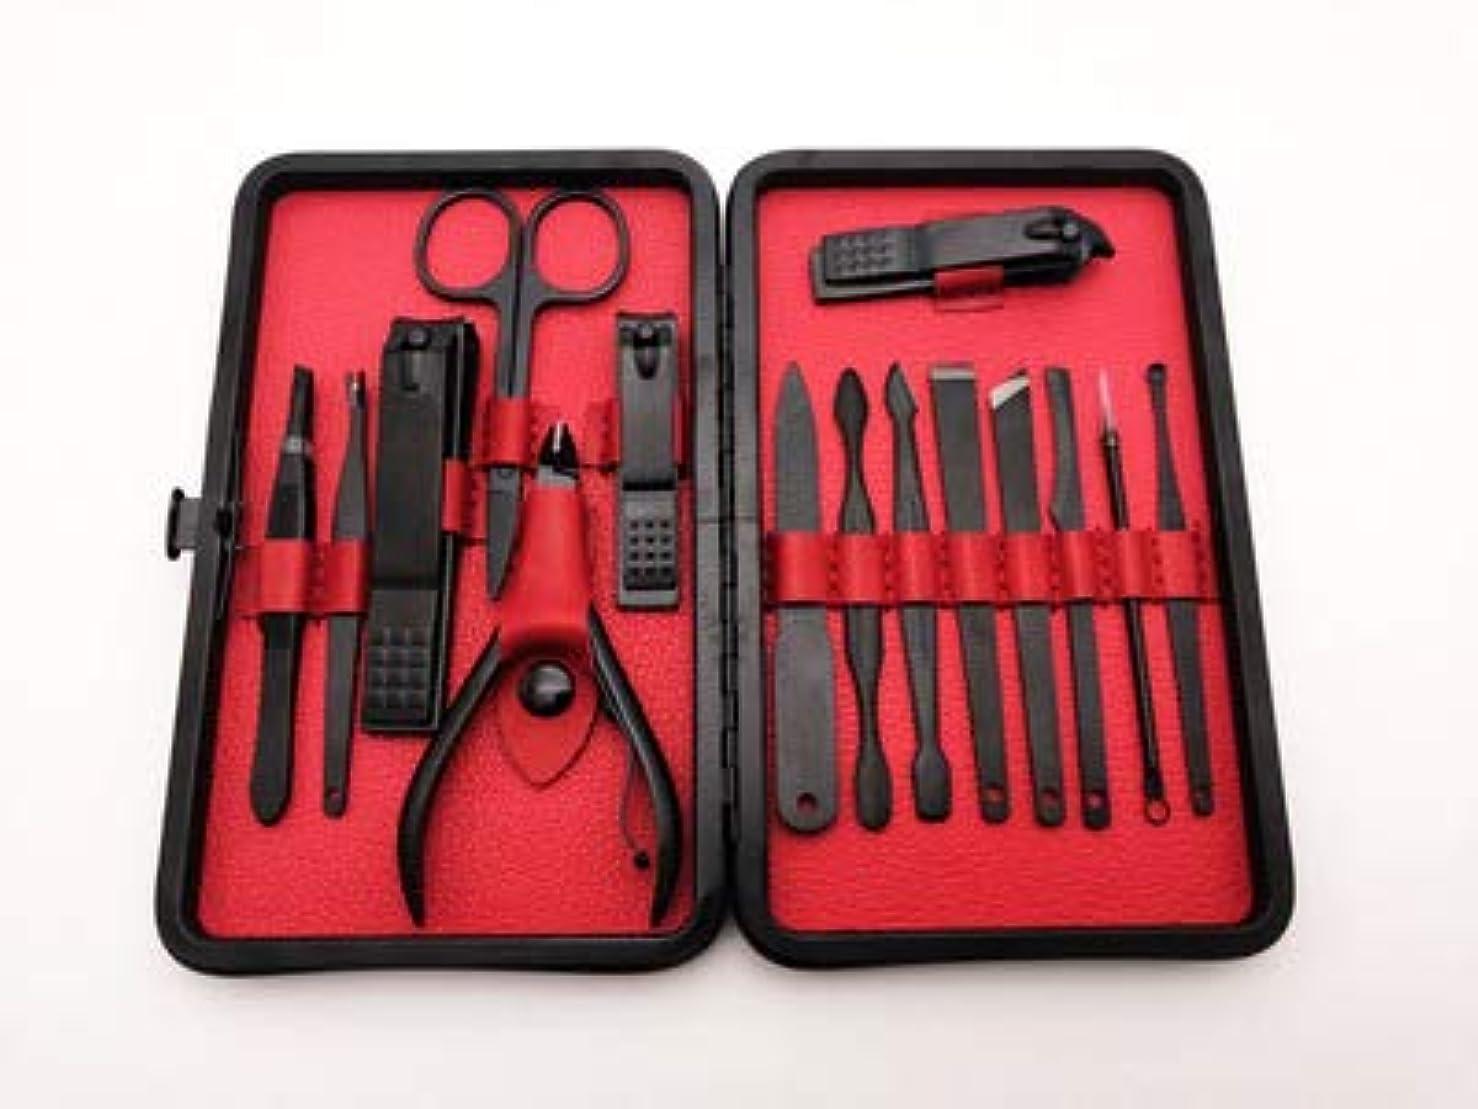 ゴシップファイル感謝GYJIL マニキュアマニキュアツール爪切り爪切り高級15ピース爪切りセット